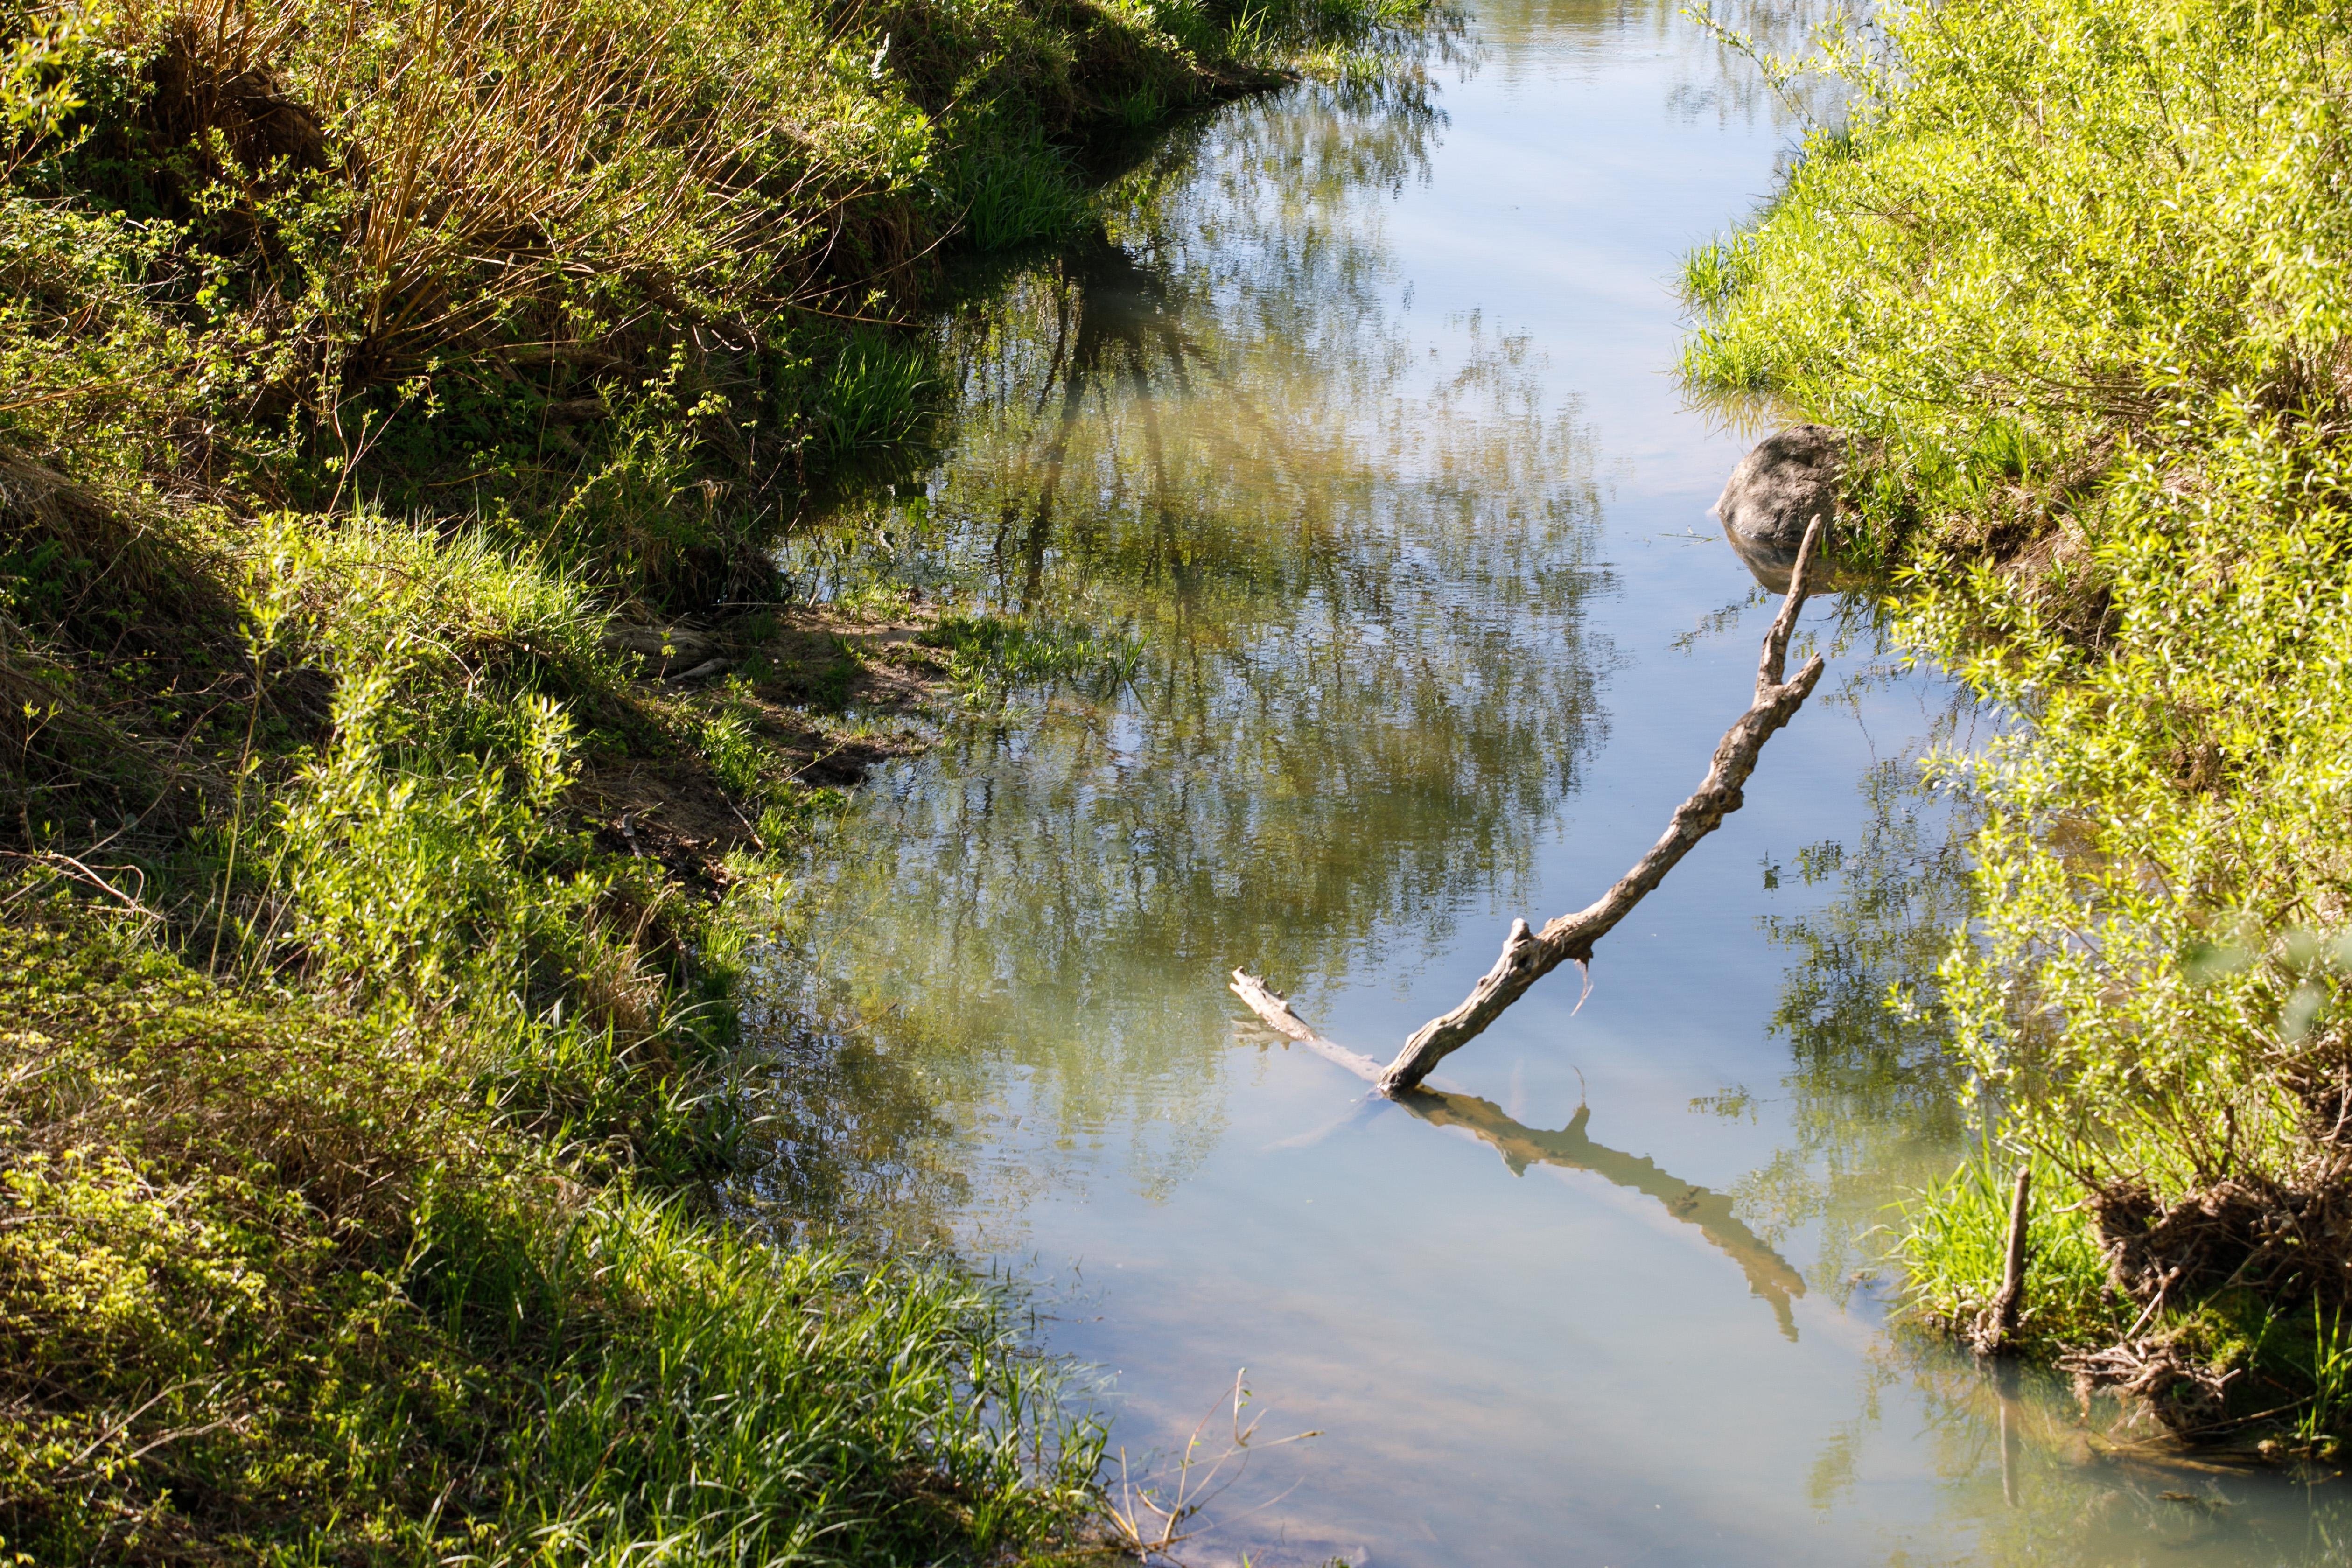 Seredžių, Plokščius, Gelgaudiškį ir Jurbarką Nemunas maitino ilgus metus. Link šio upių tėvo vedančiuose slėniuose auga galingi skroblai, peri reti paukščiai. Atvykę čia balandžio pabaigoje – gegužės pradžioje arba per kokį nors vietos miestelio renginį, tikėtina, gausite paragauti ant smaigų pamautų ir lauže iškeptų žiobrių – šios žuvelės yra Panemunių krašto delikatesas.